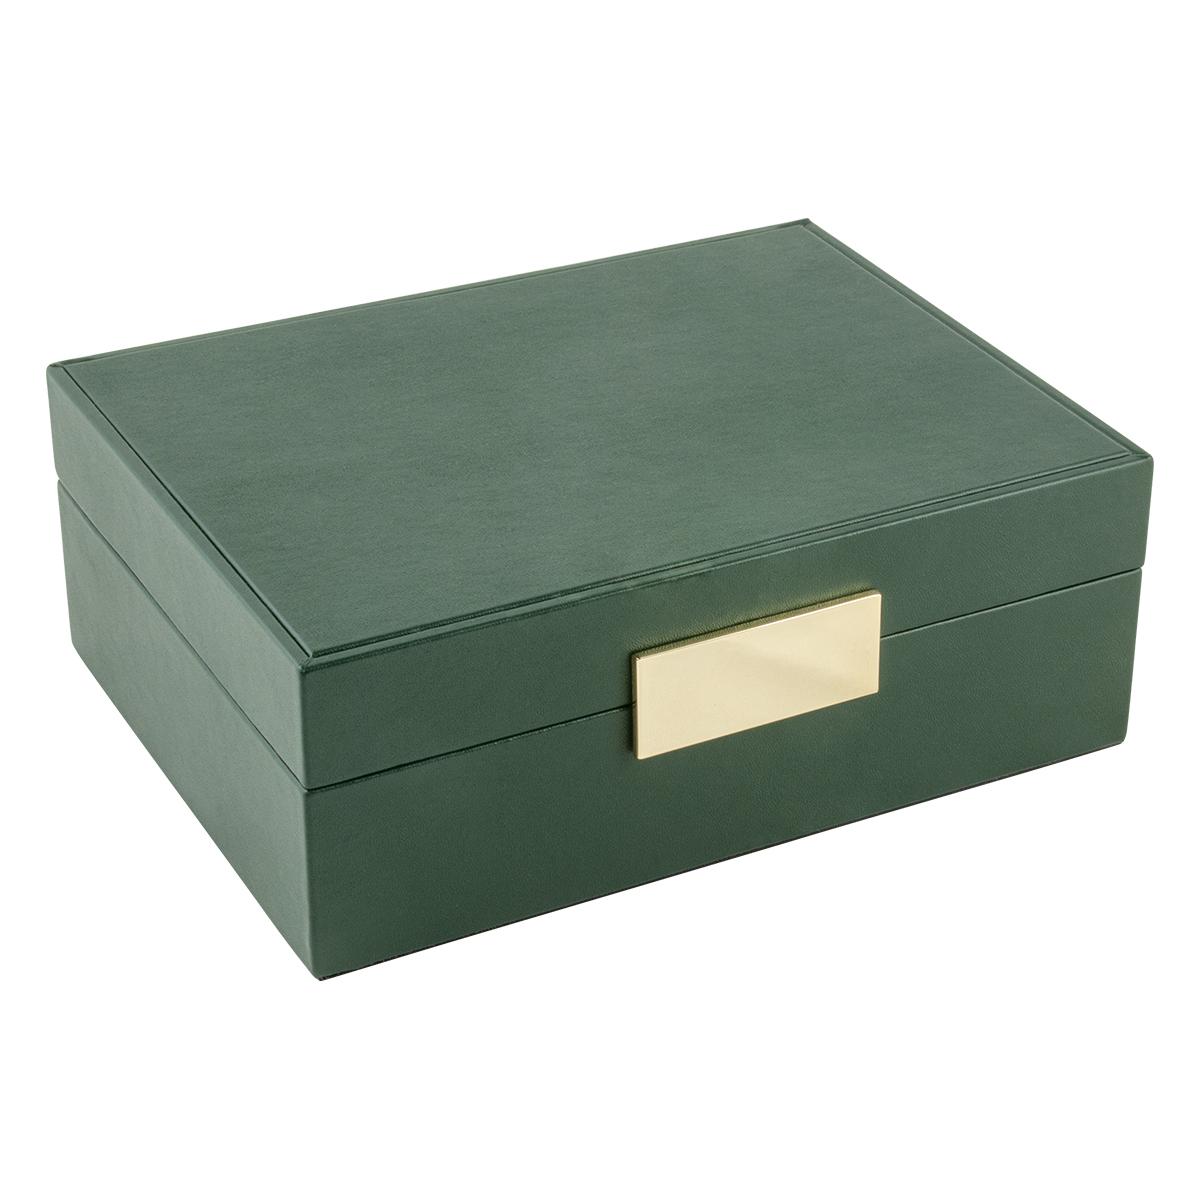 Image of   Smykkeskrin i grøn kunstlæder og guld magnetlås